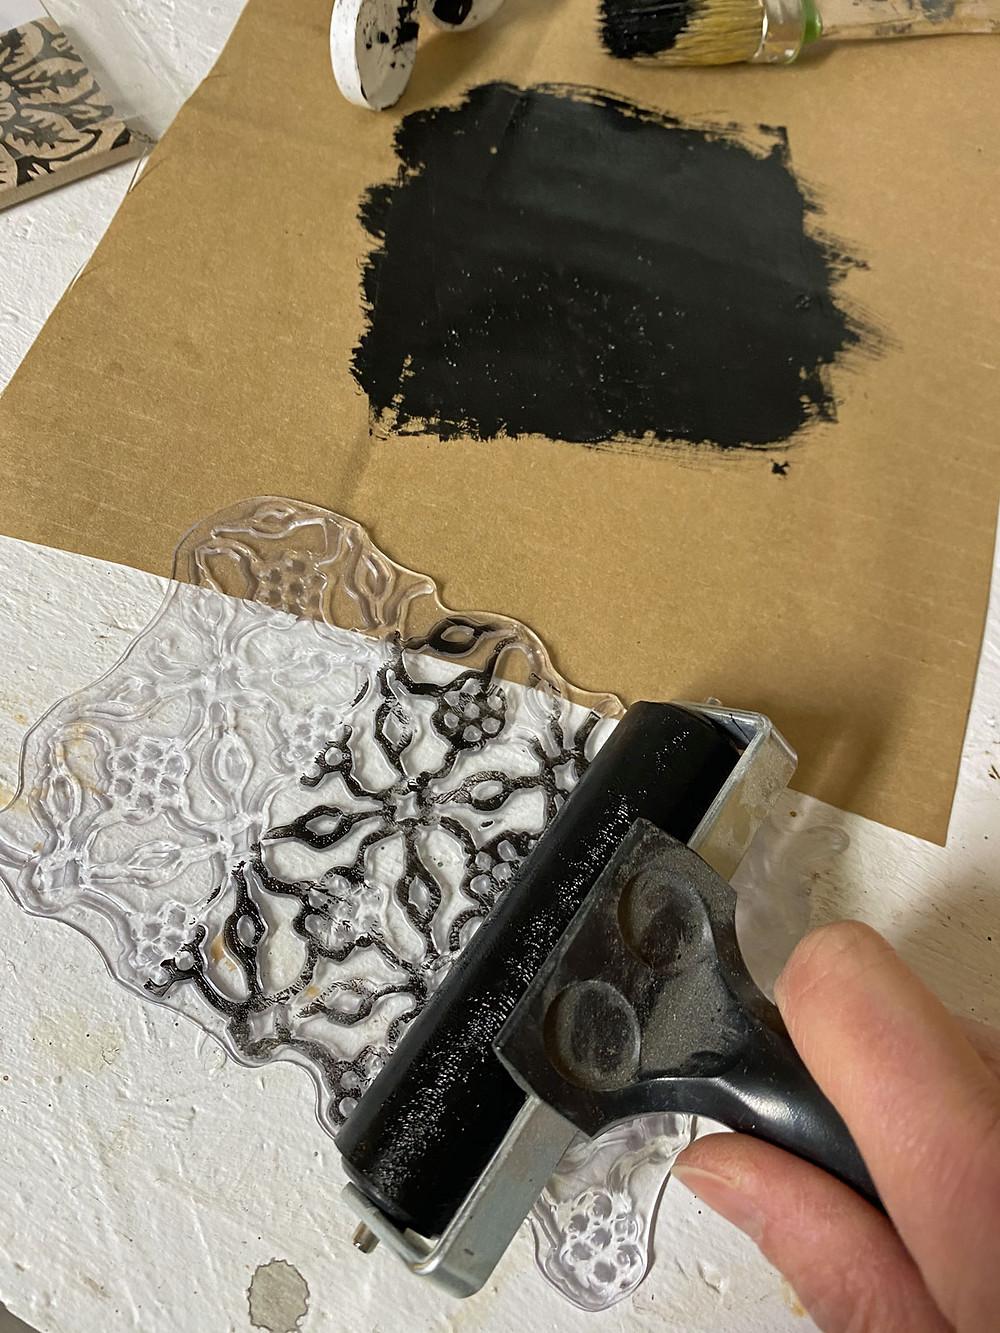 Kreidefarbe oder Acrylfarbe für Stempel